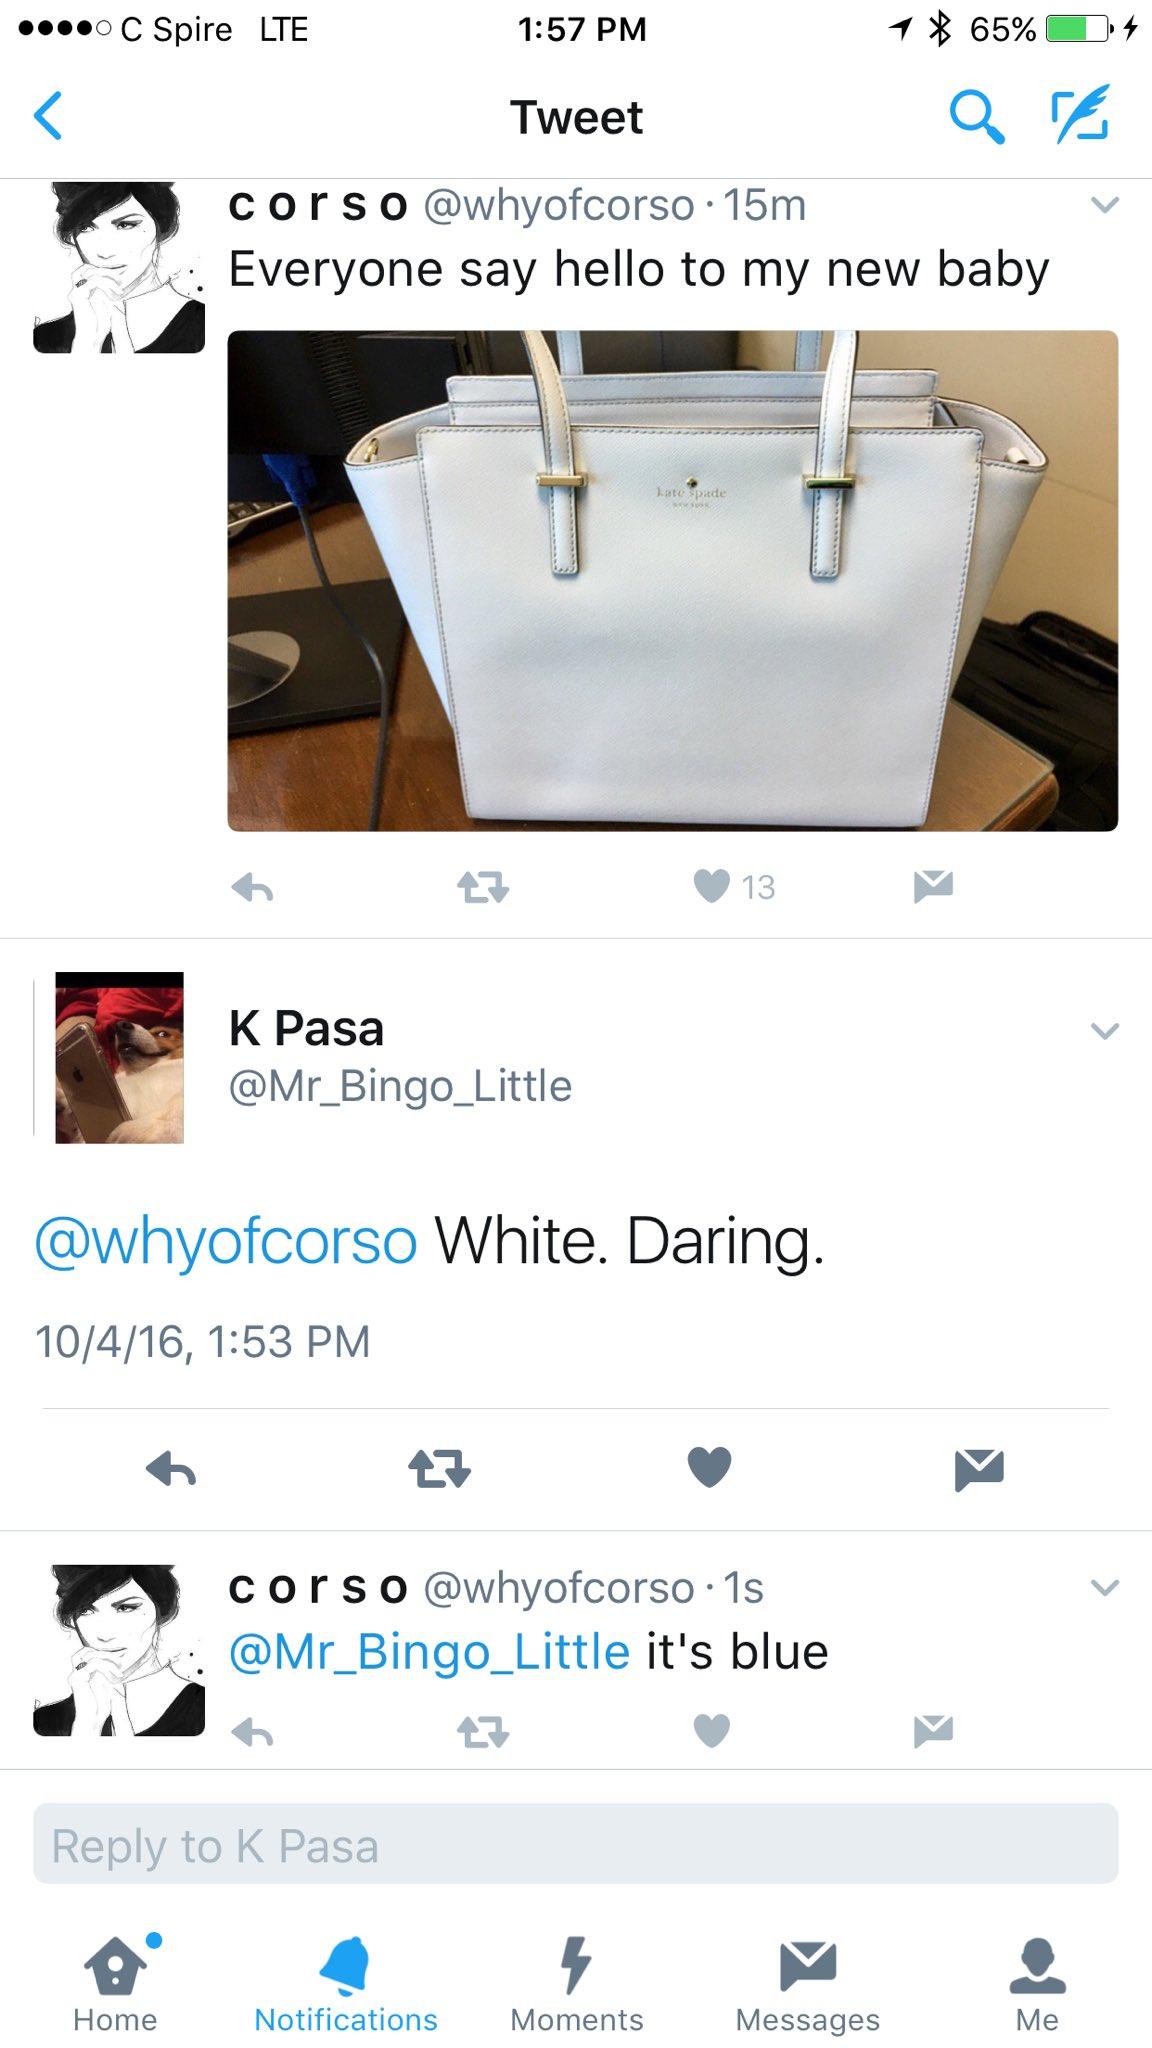 ¿De qué color es la cartera? Casual foto confunde a usuarios